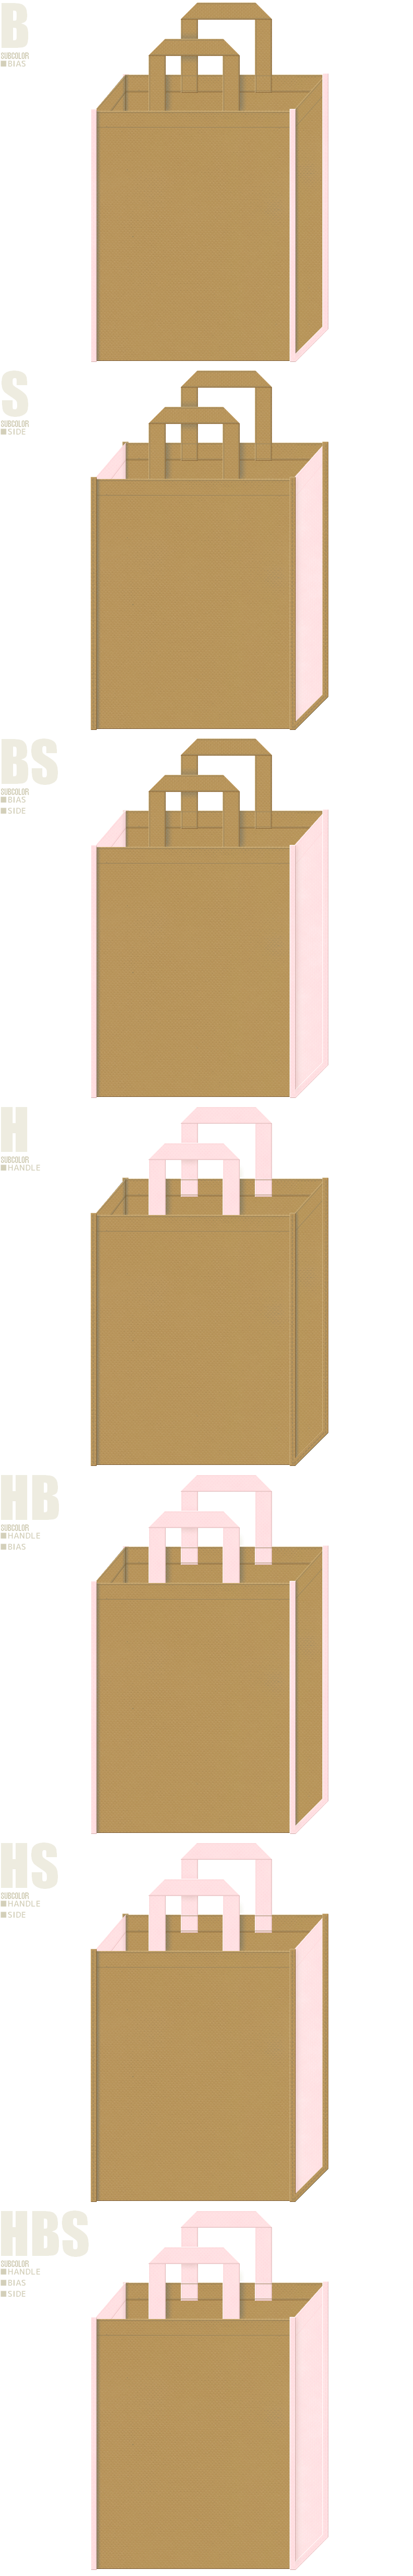 ペット用品の展示会用バッグにお奨めの不織布バッグデザイン:金黄土色と桜色の不織布バッグ配色7パターン。